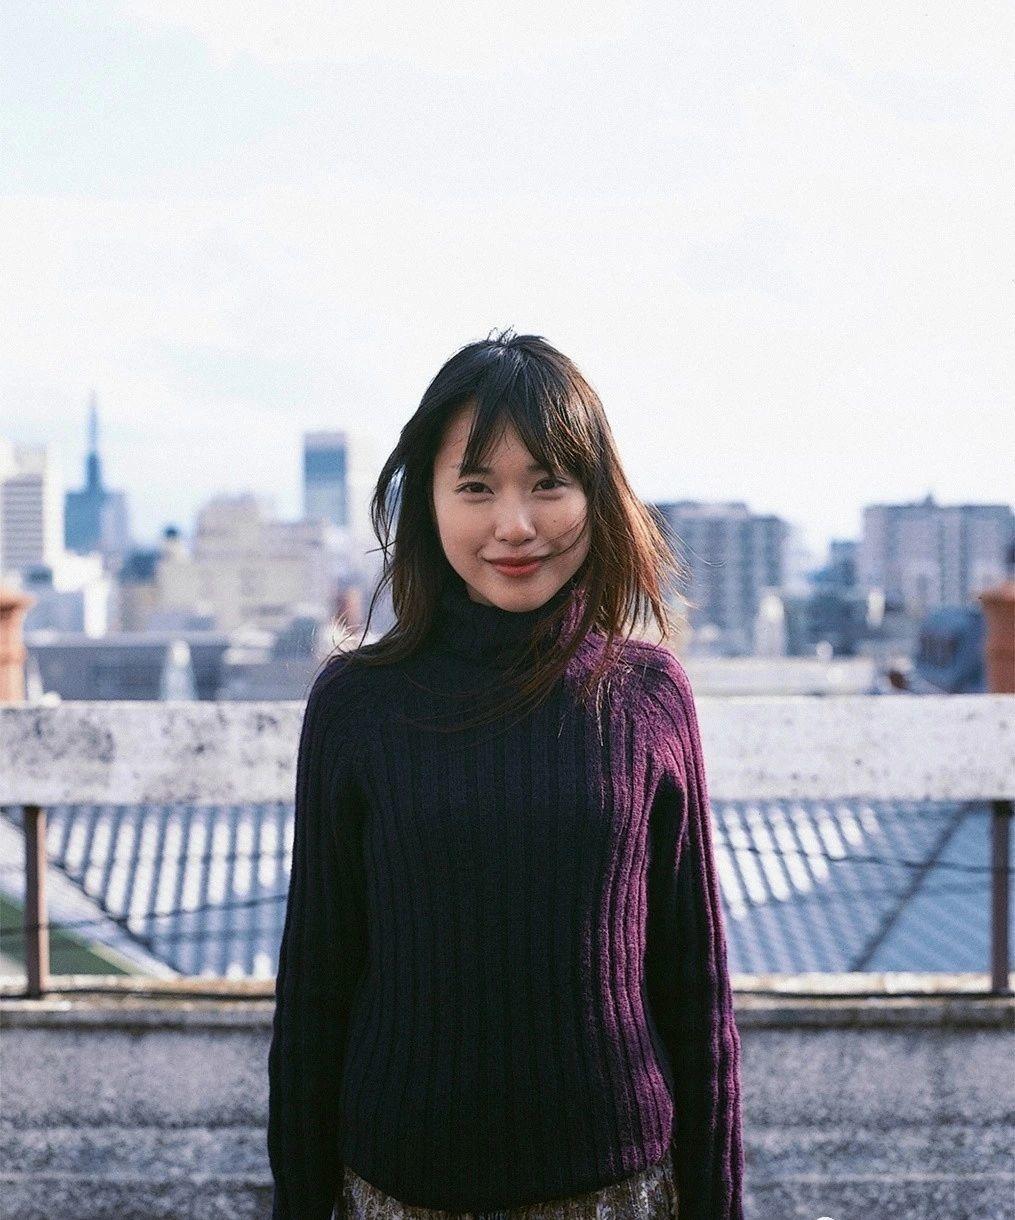 美的不可方物少女时代的户田惠梨香写真作品 (59)